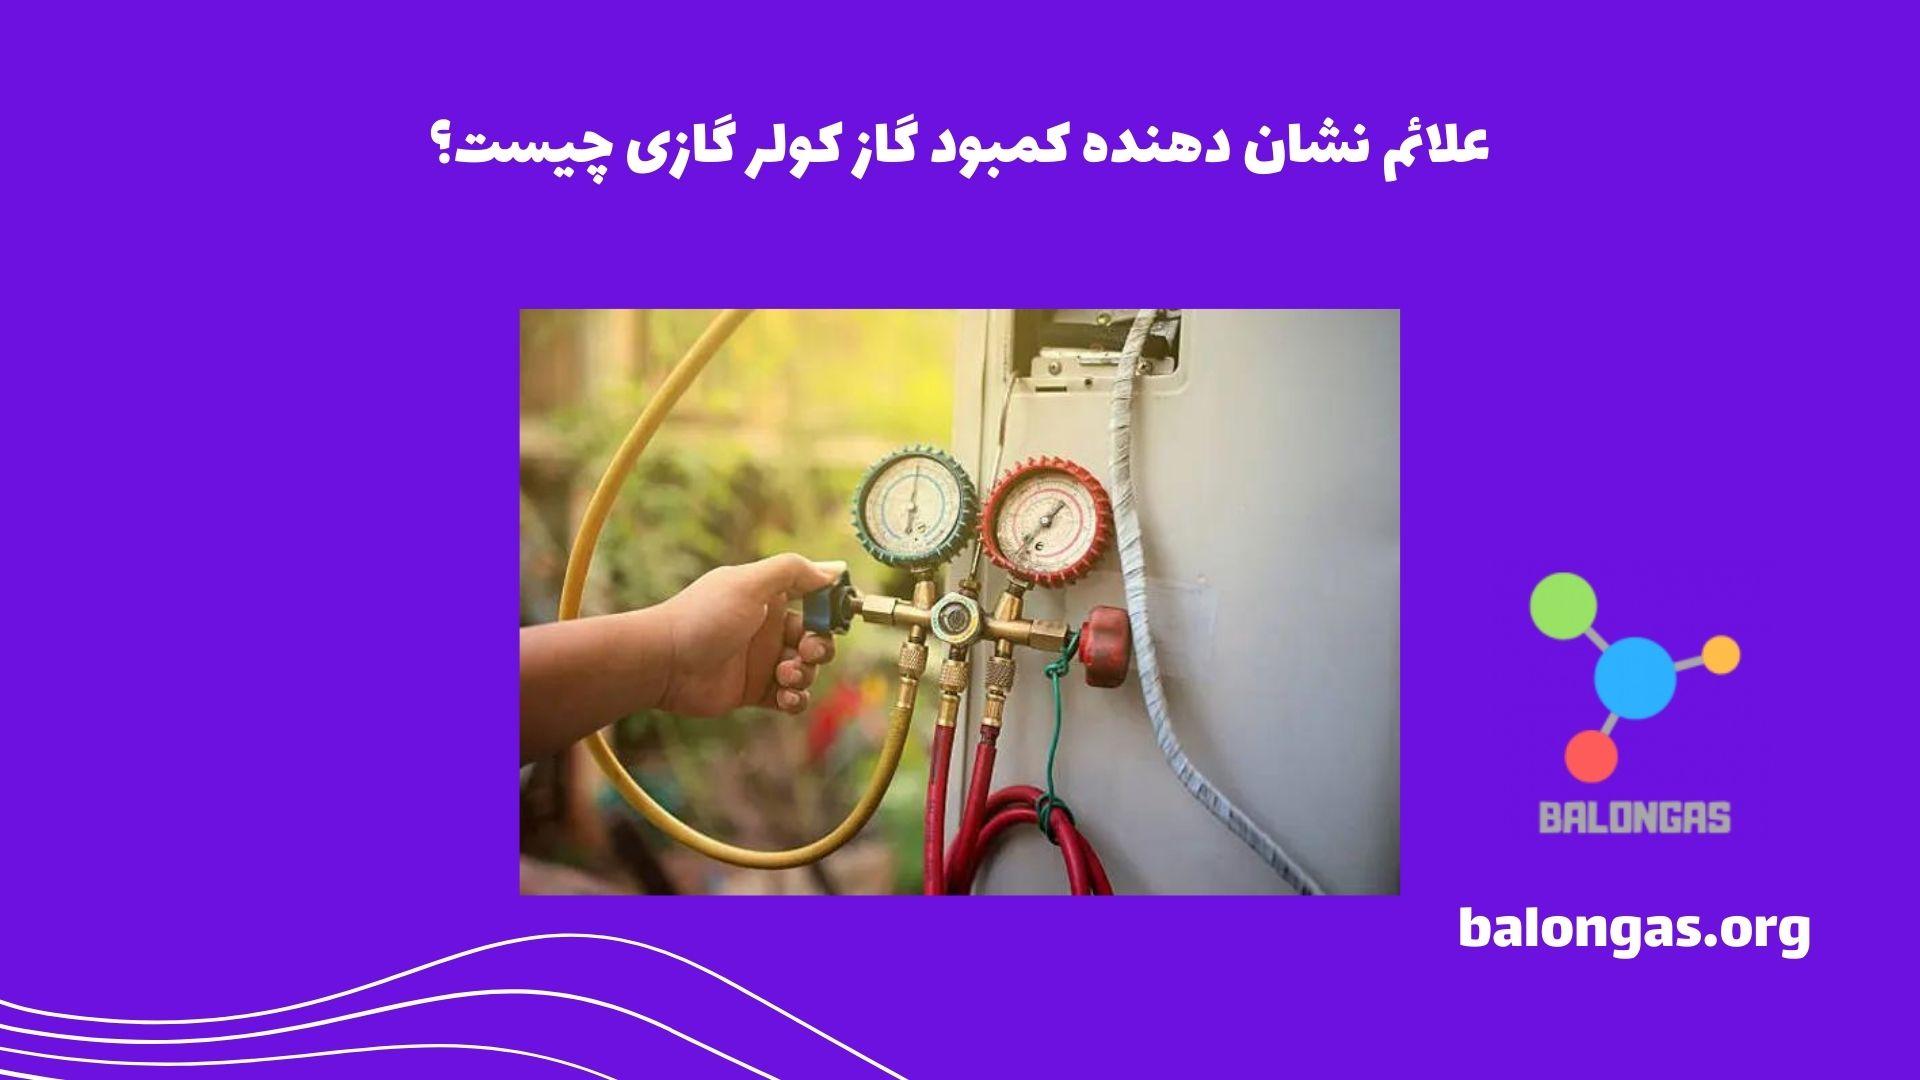 علائم نشان دهنده کمبود گاز کولر گازی چیست؟